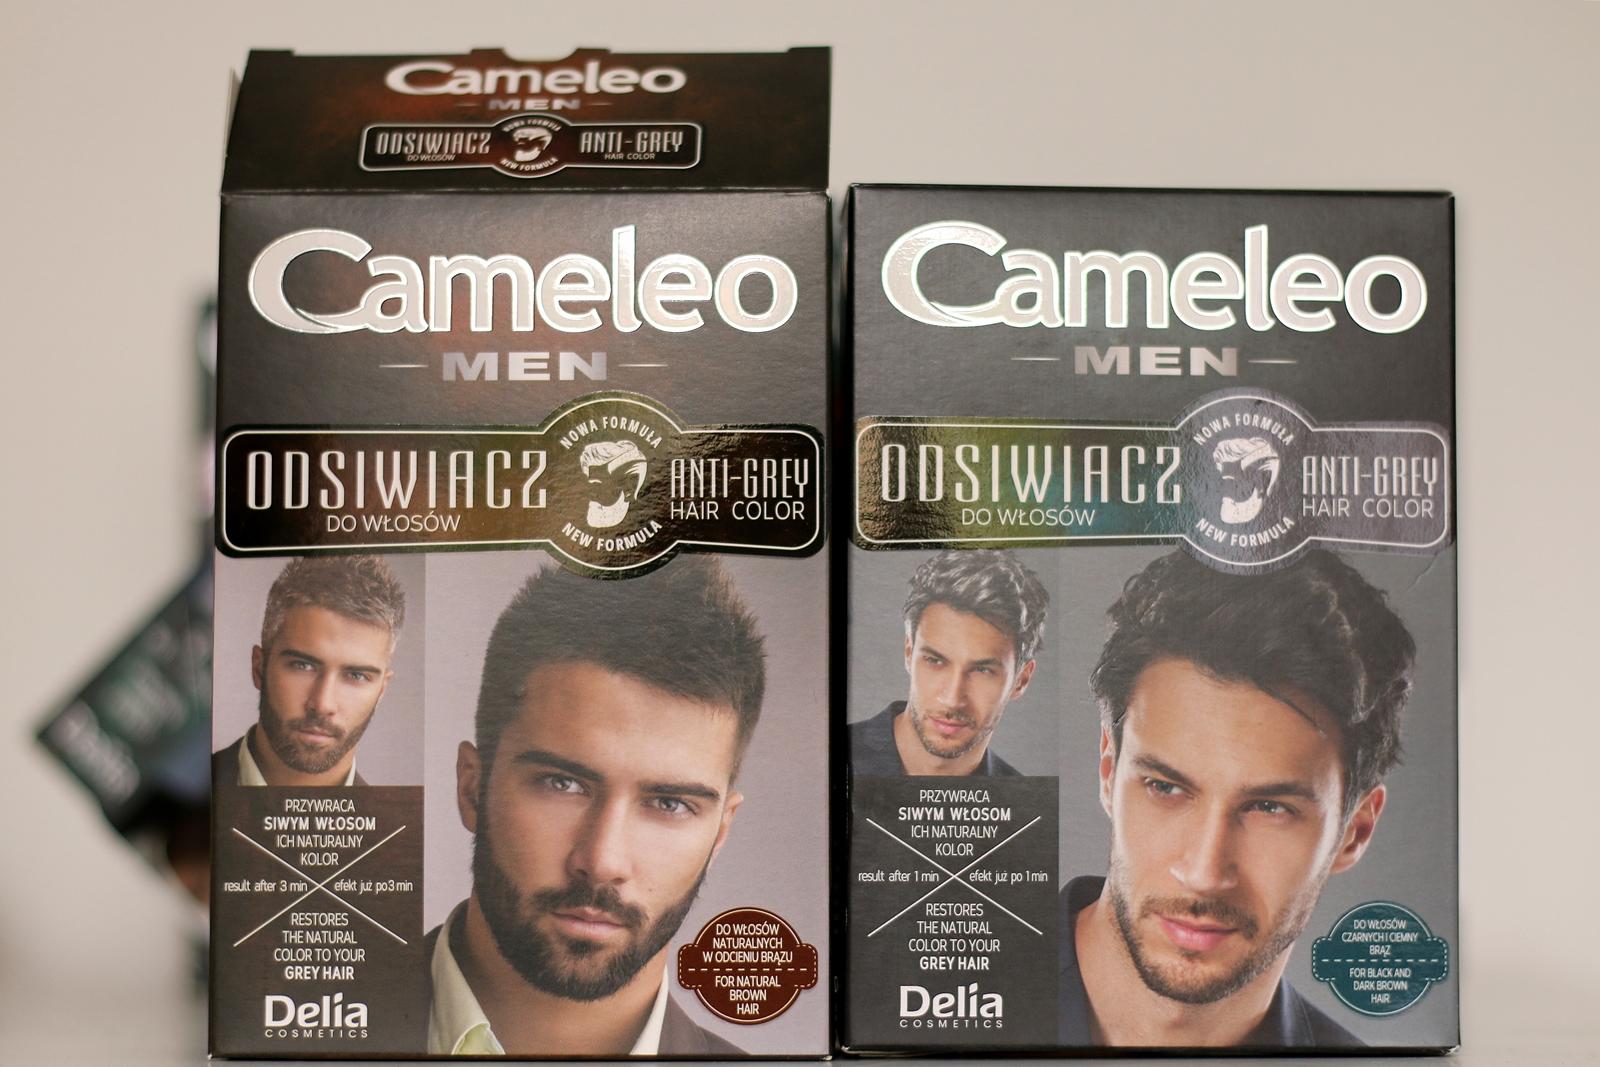 Cameleo odsiwiacz